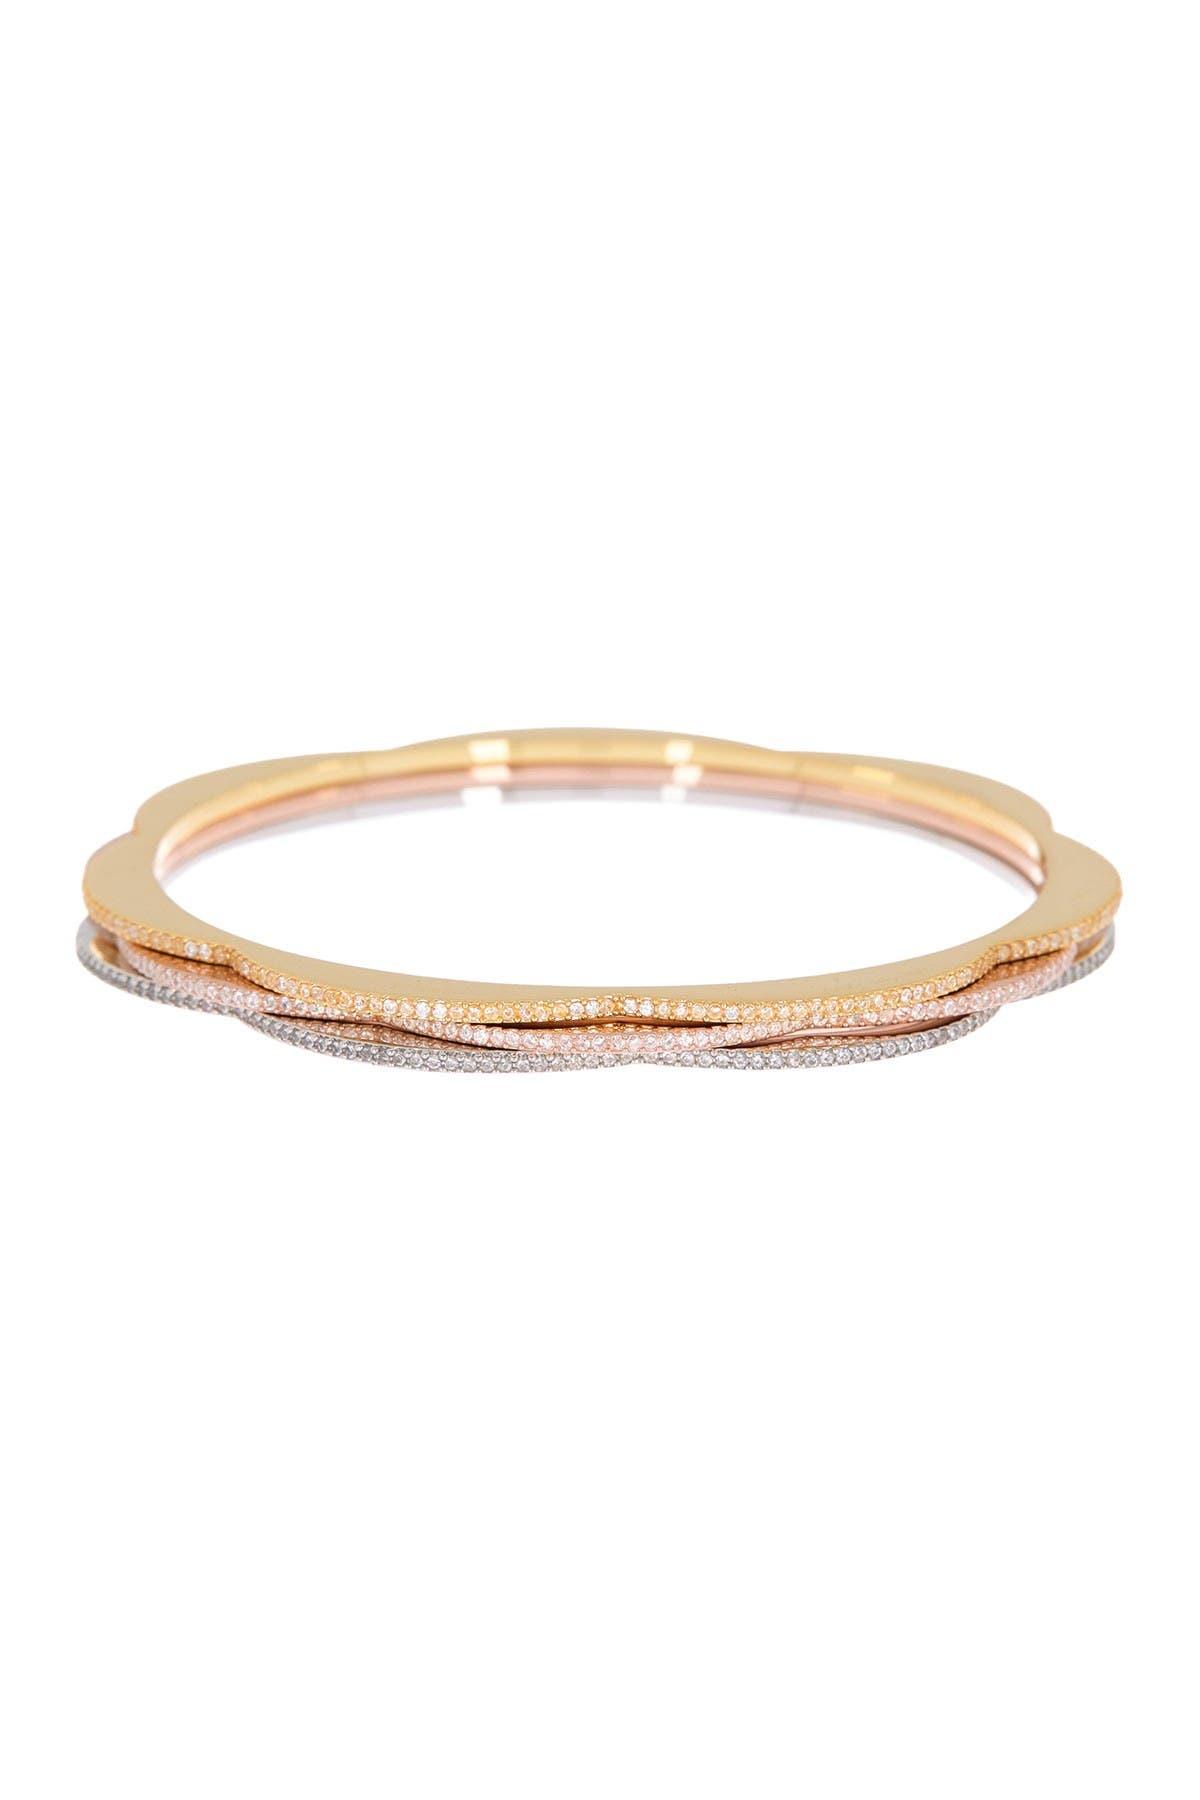 Image of kate spade new york cz pave scalloped bangle bracelet set